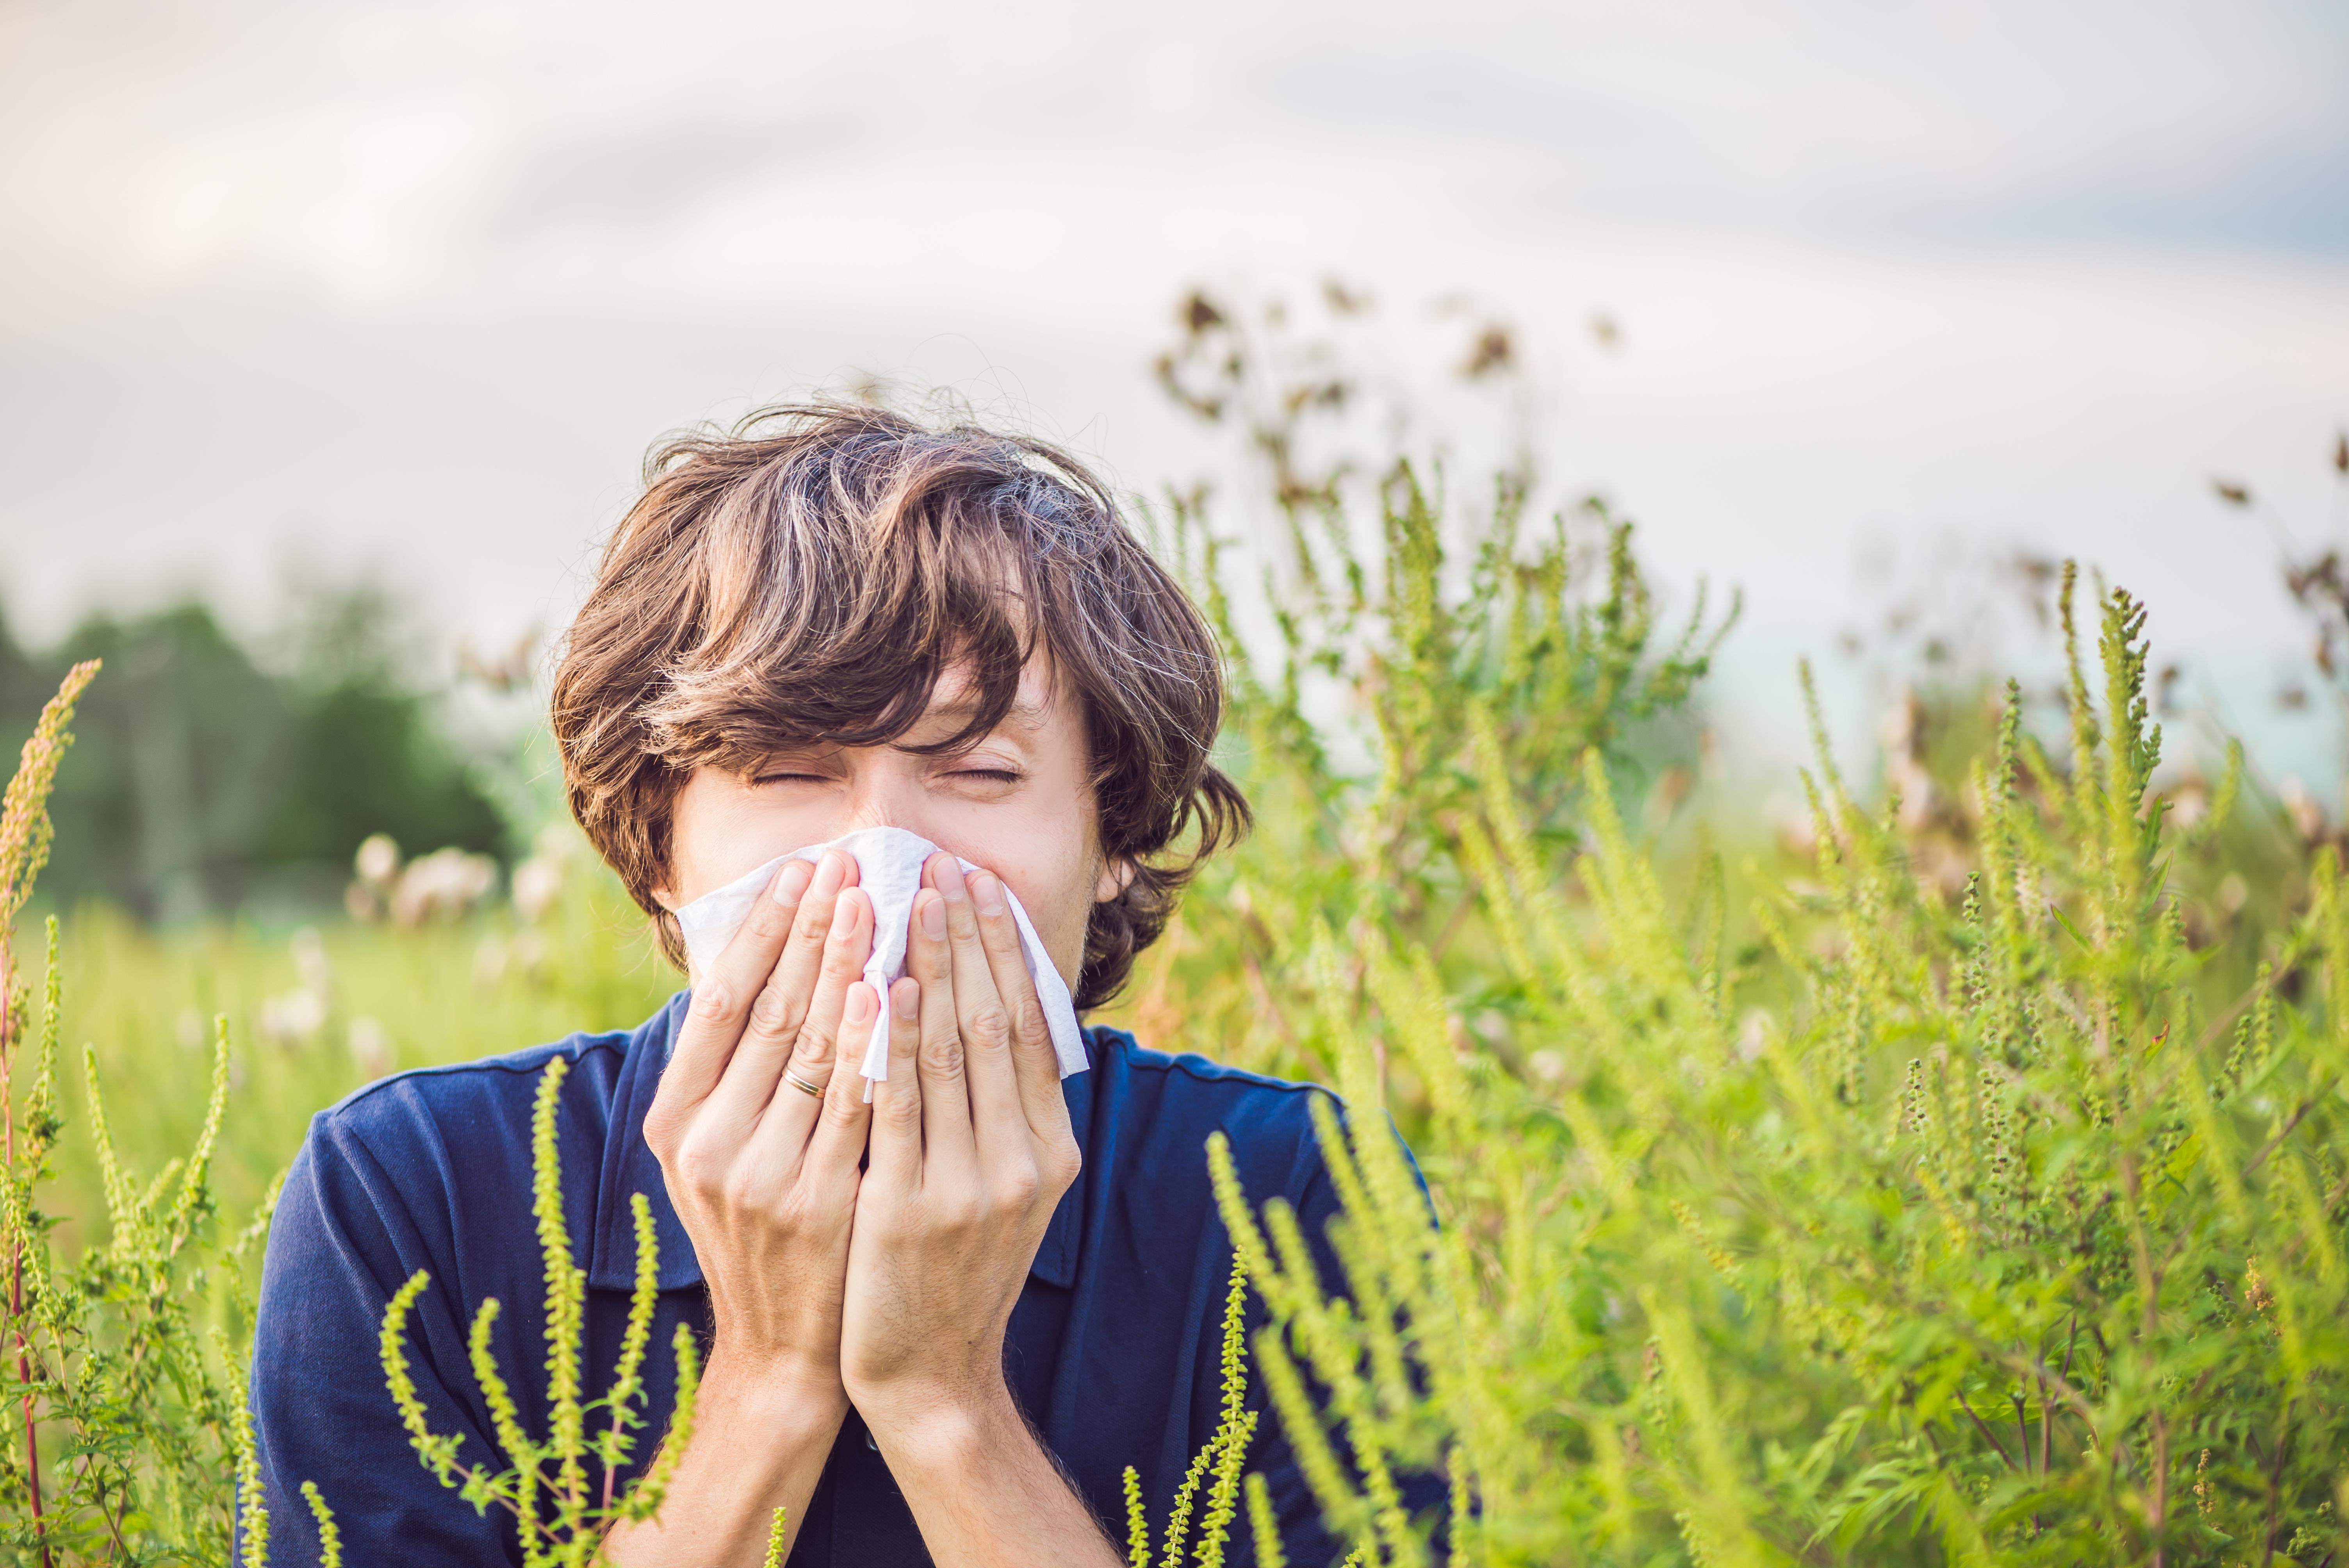 Studiu: Concentraţiile ridicate de polen din aer contribuie la creşterea ratei de infectare cu coronavirus